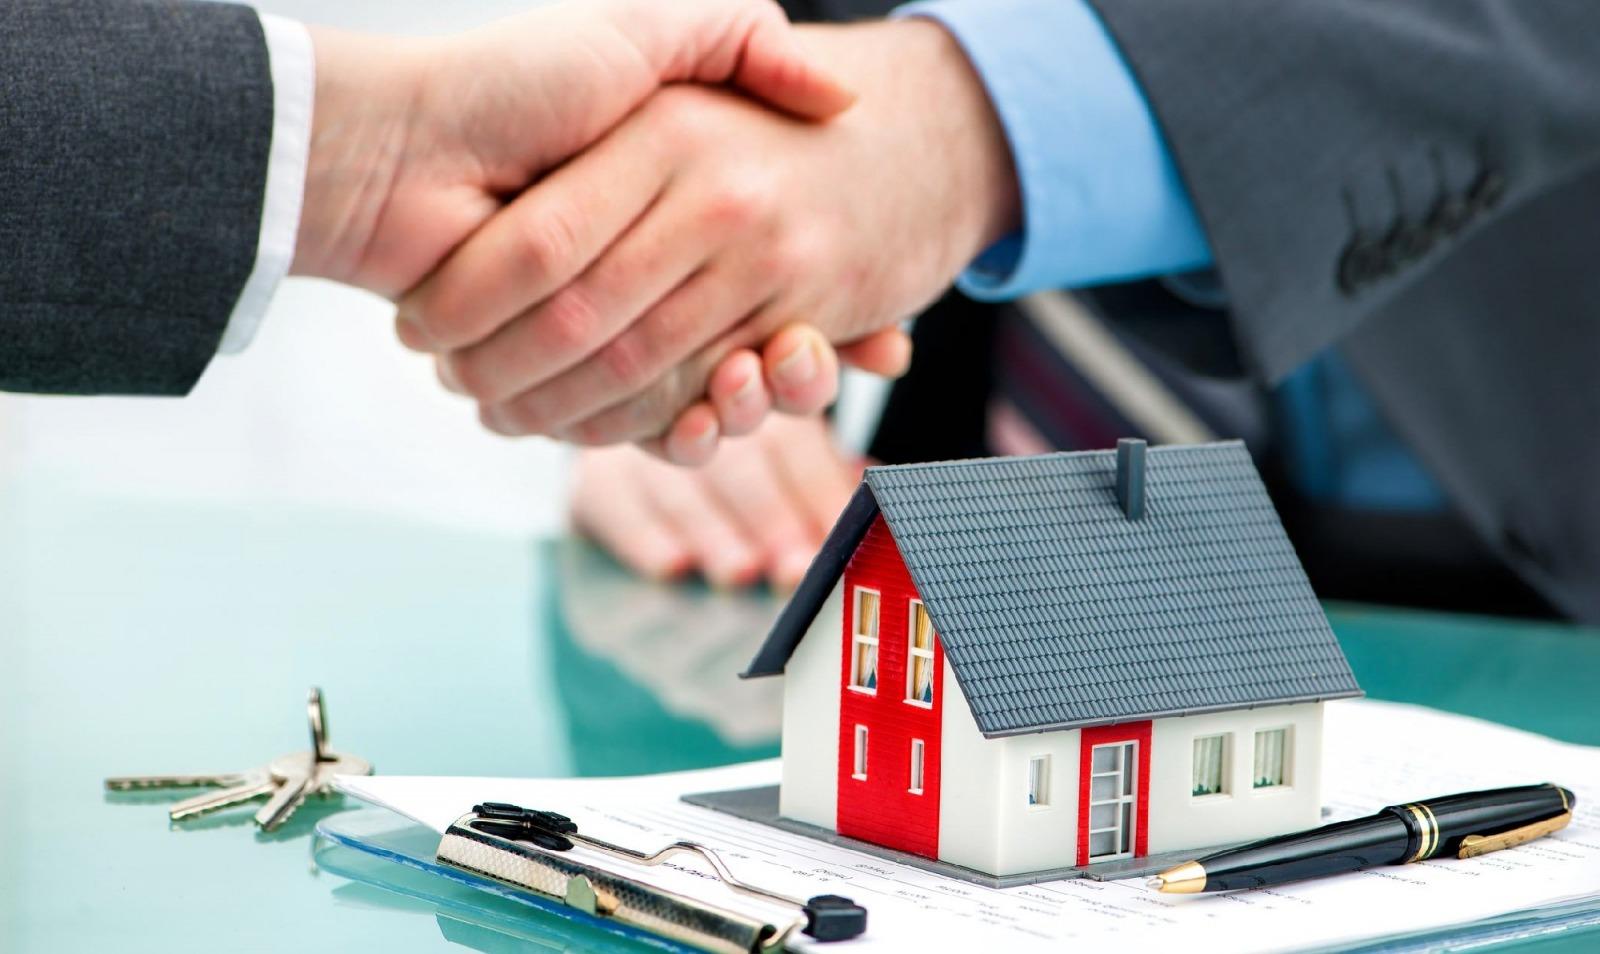 hai người bắt tay nhau, trên bàn là một tờ hợp đồng và một mô hình ngôi nhà